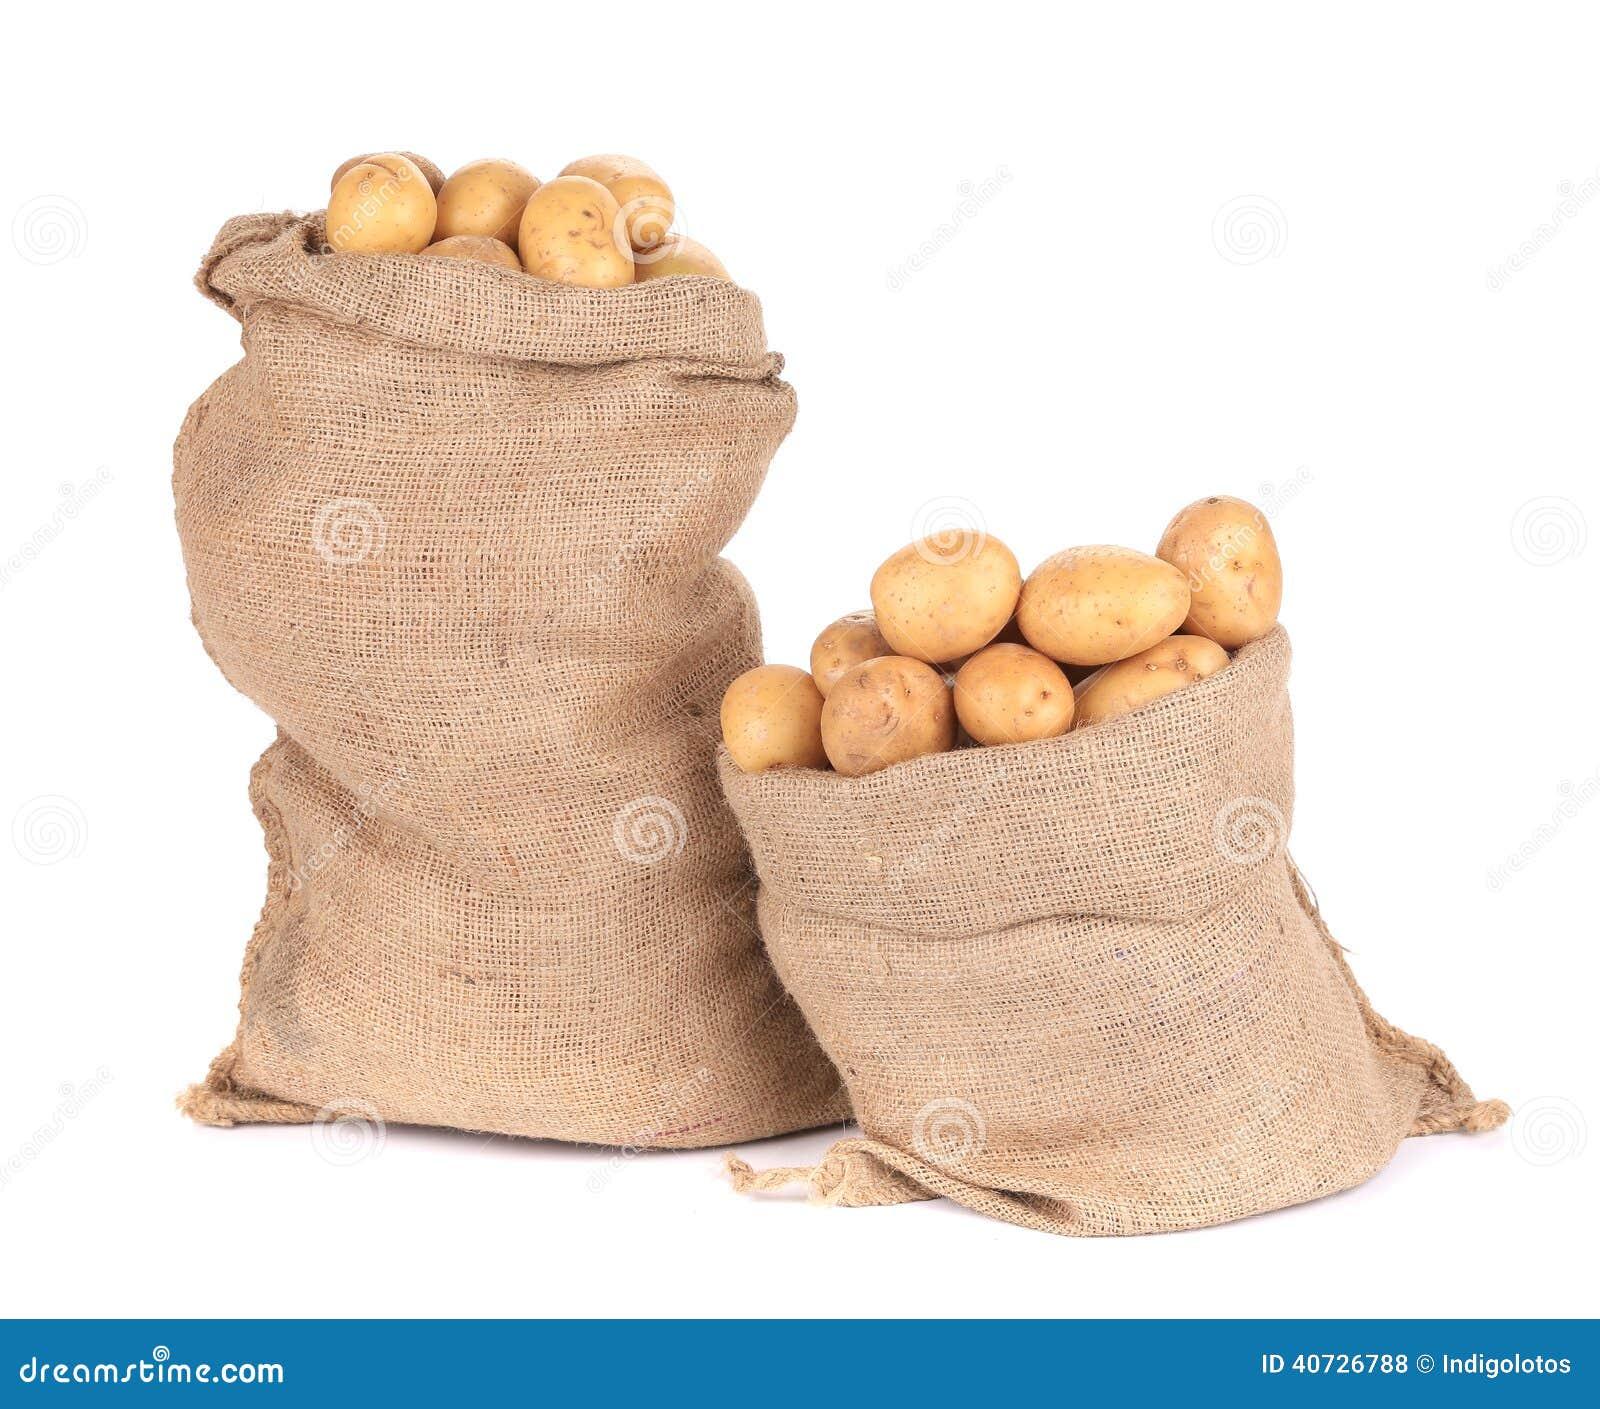 Ripe potatoes in burlap sacks.